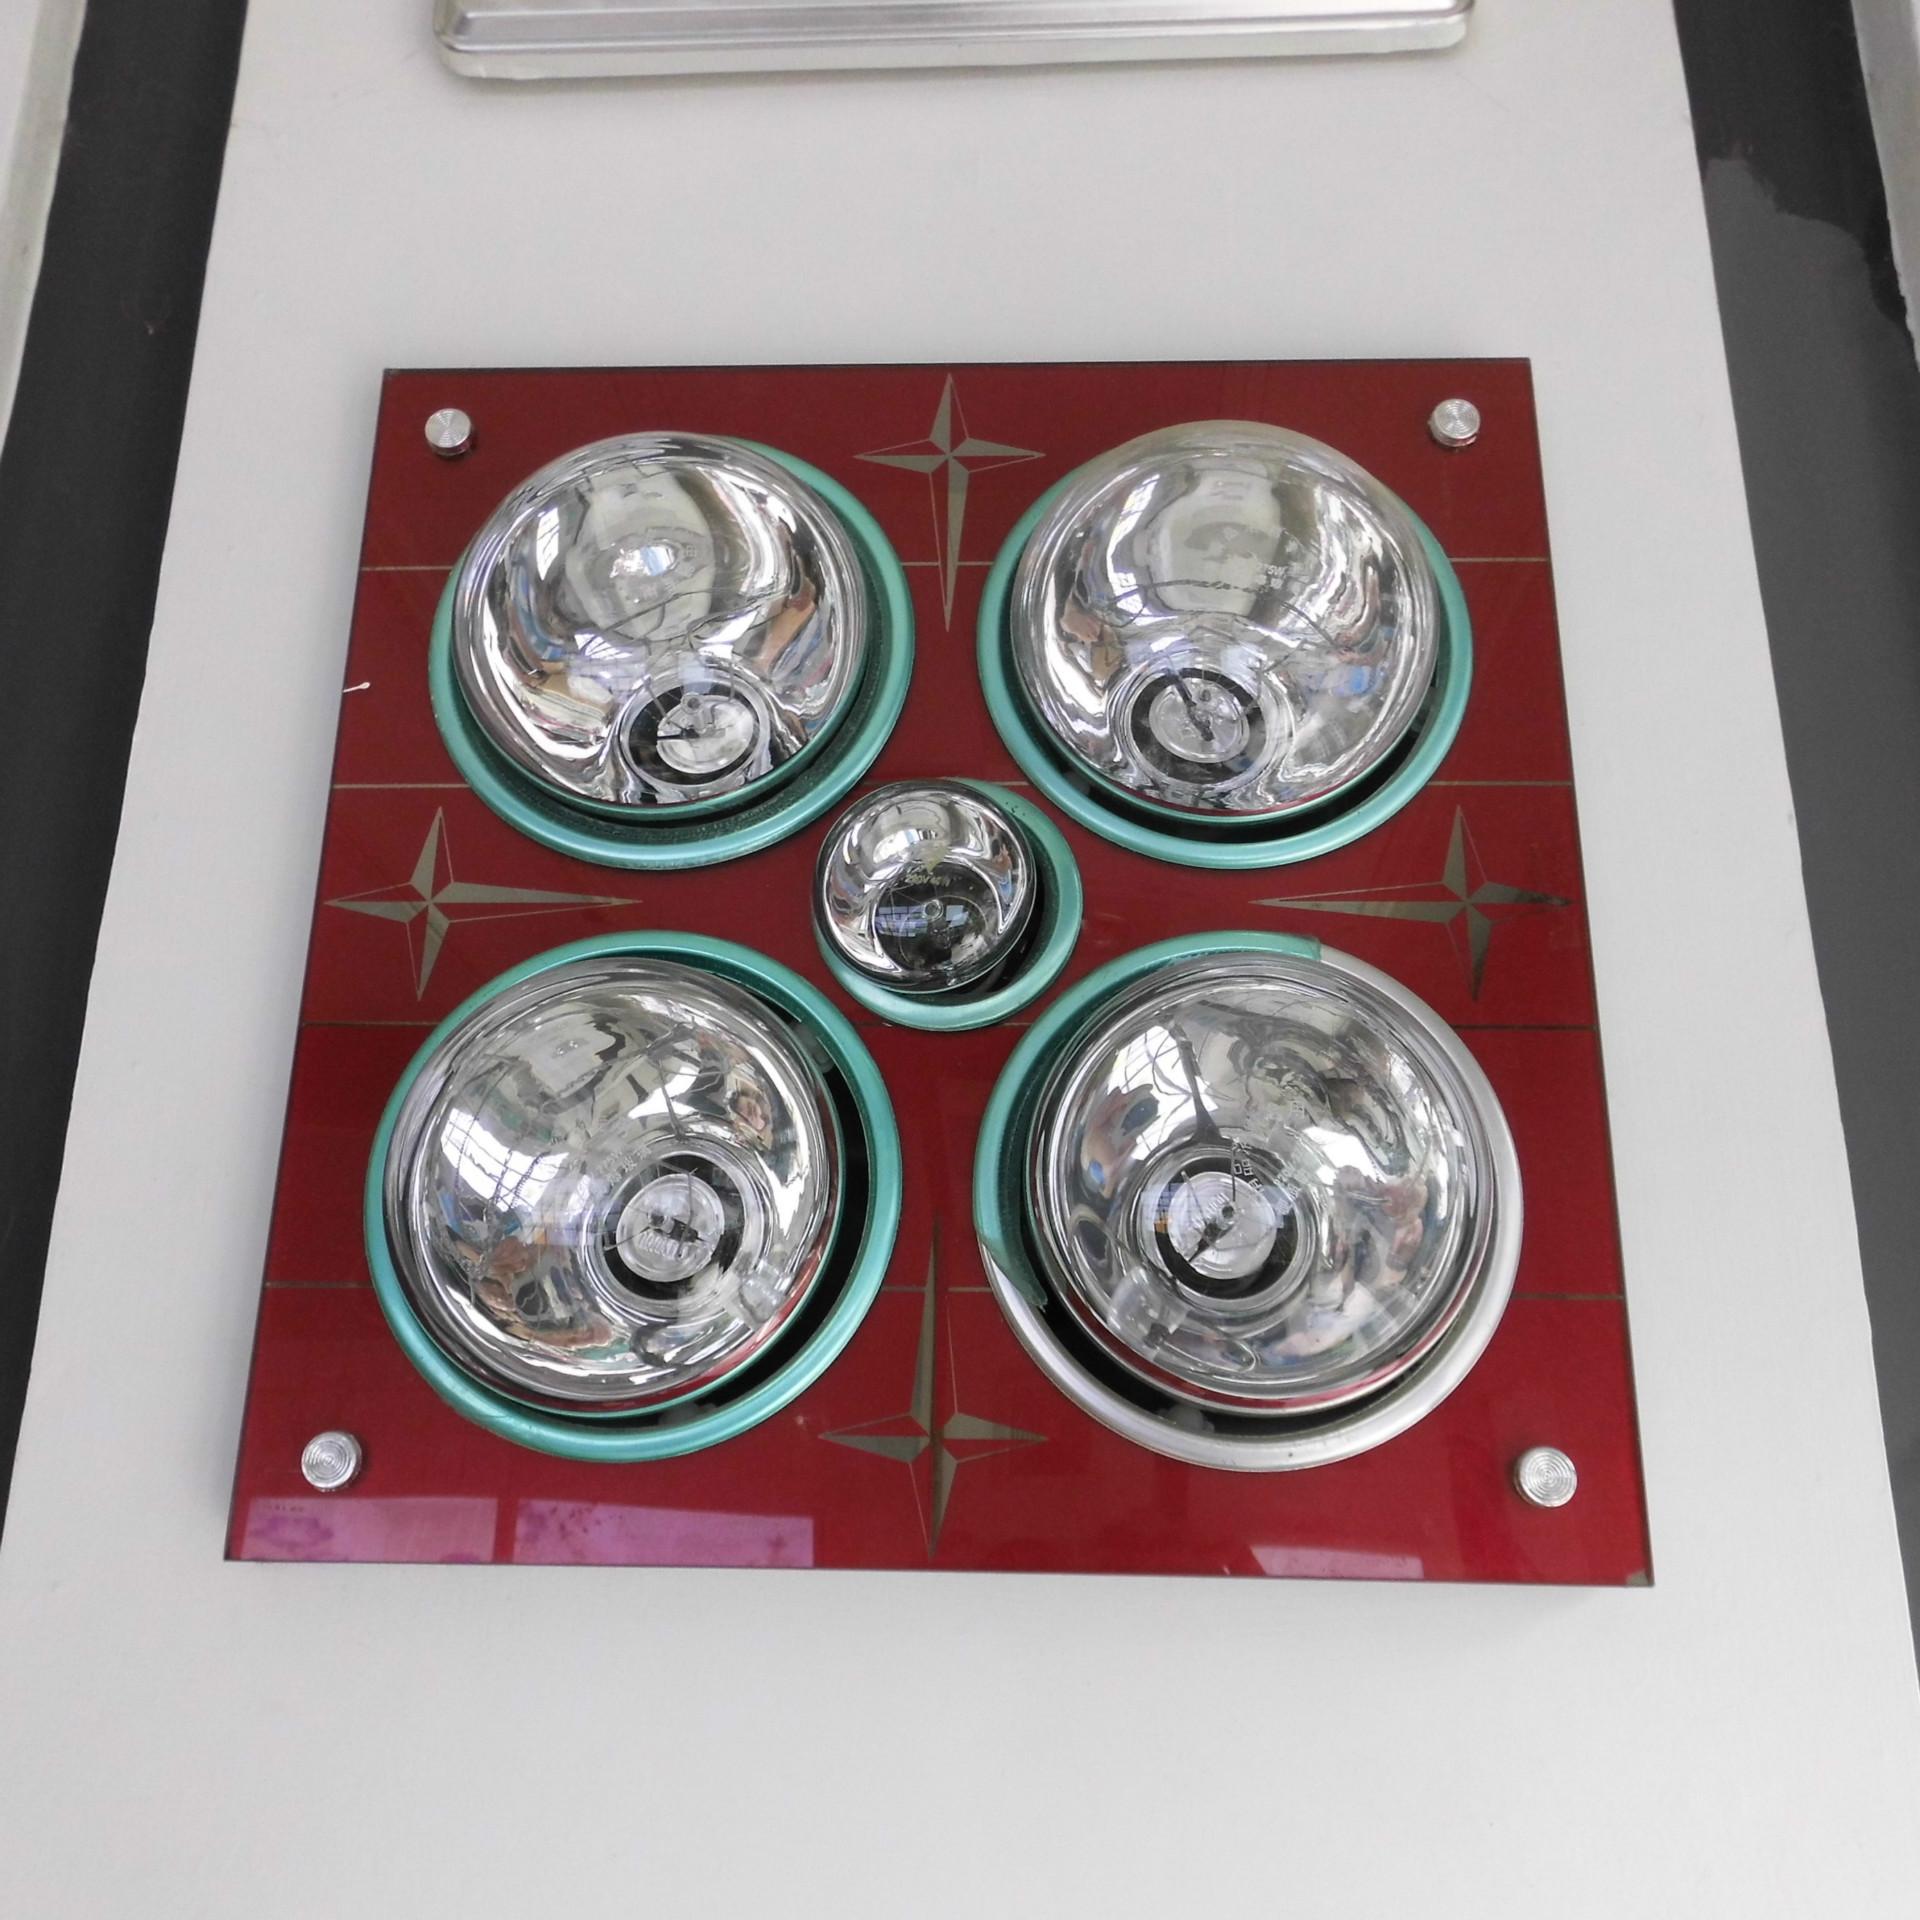 新款上市欧普 钢化玻璃面浴霸/取暖照明换气卫生间/浴室专用